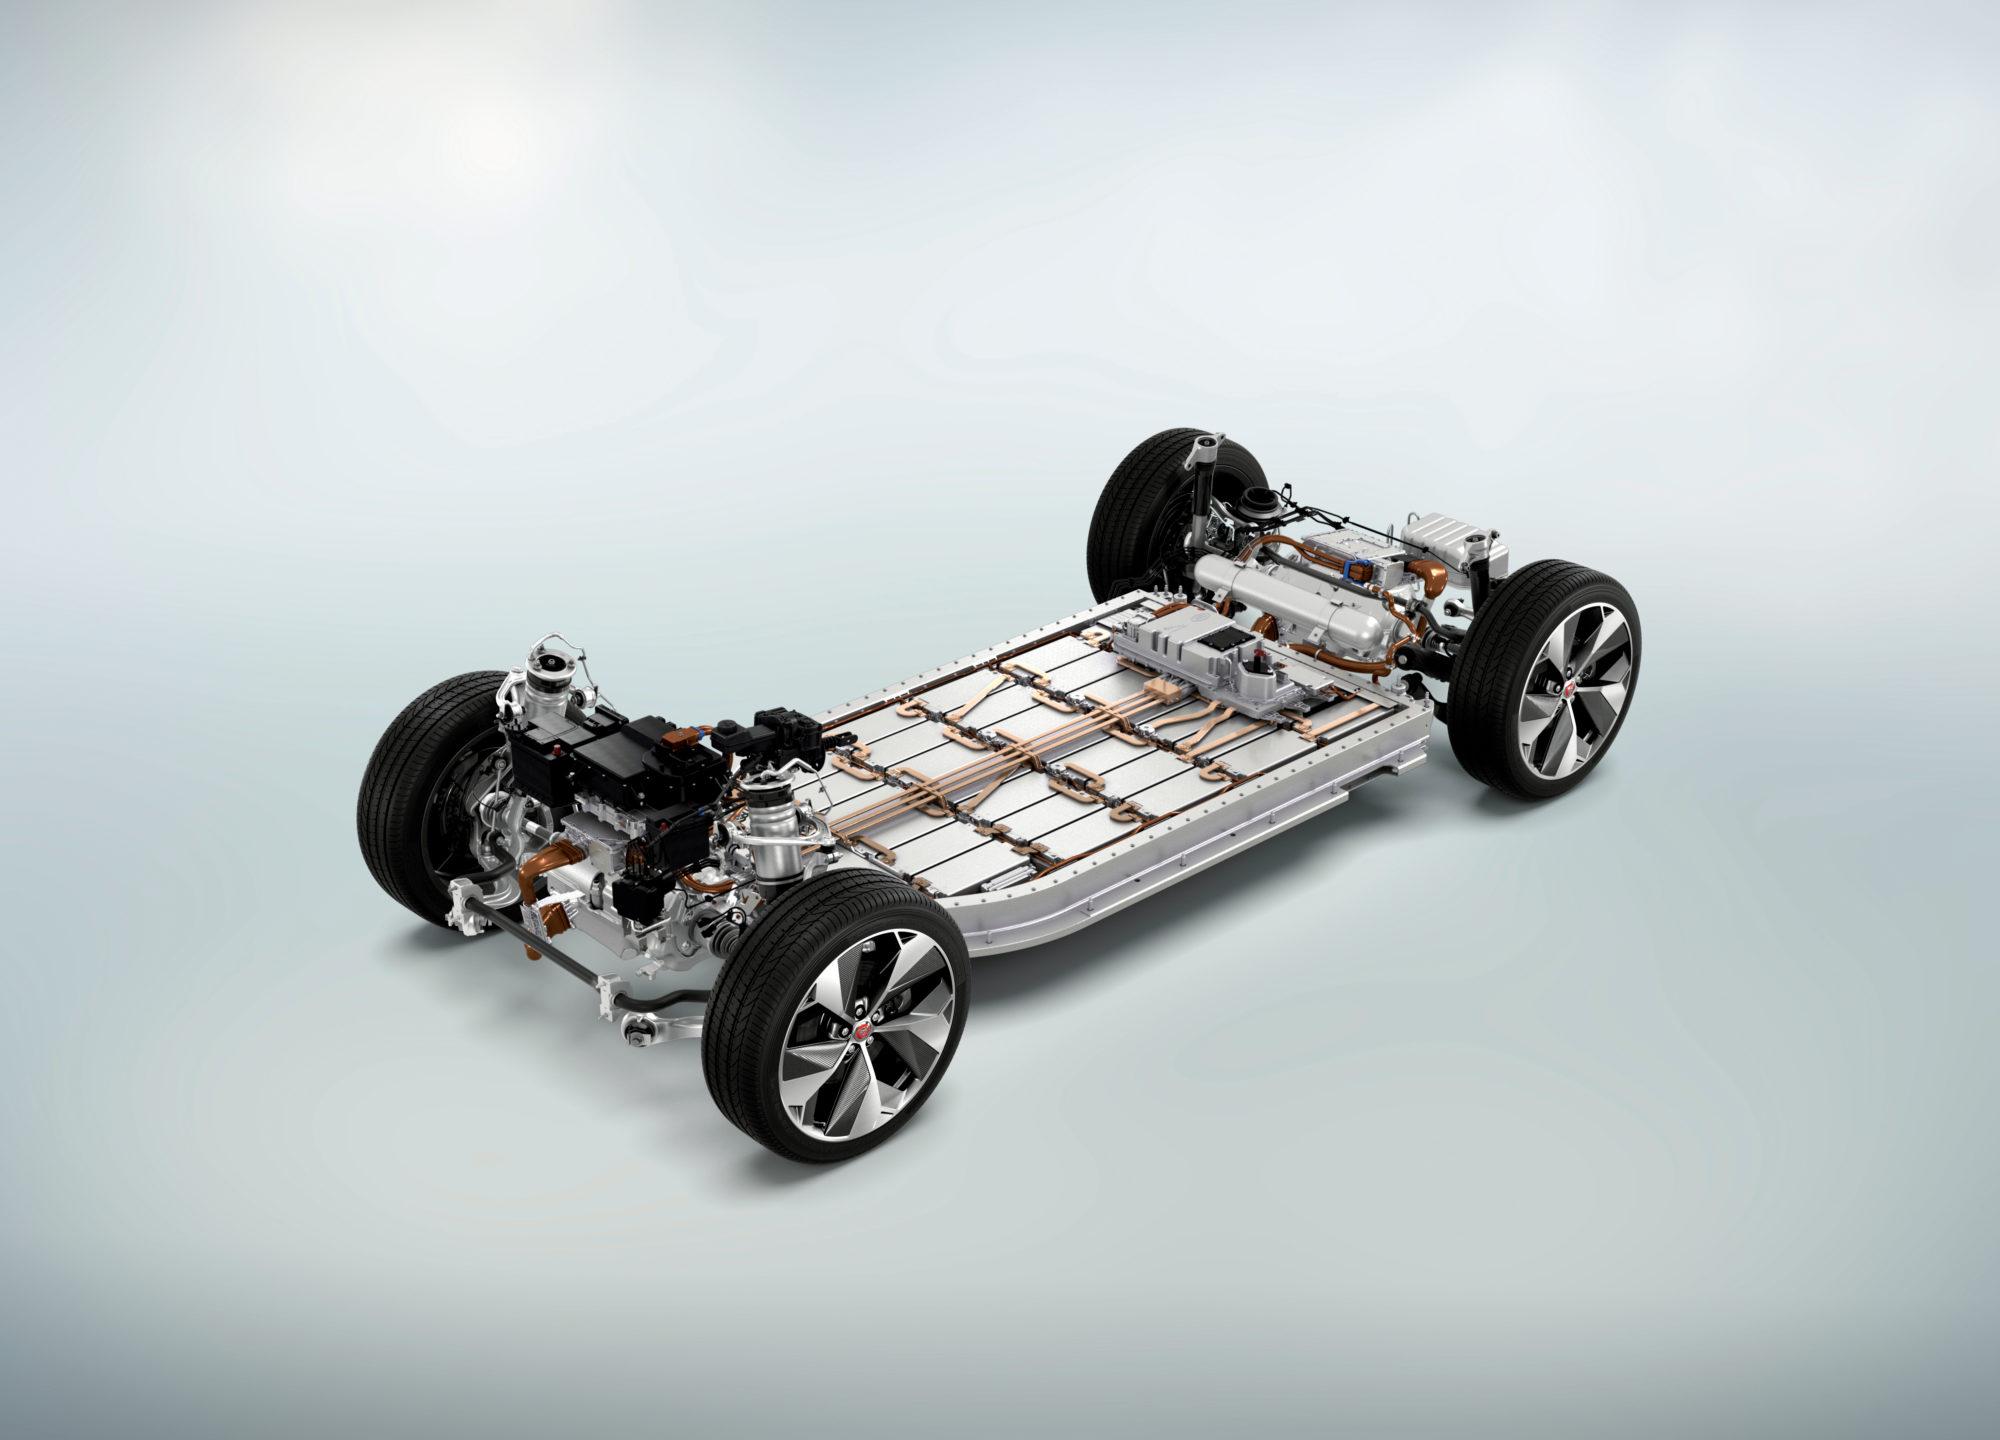 Der Ritt auf der Batterie: 90 kWh reichen dem I-PACE für bis zu 480 km